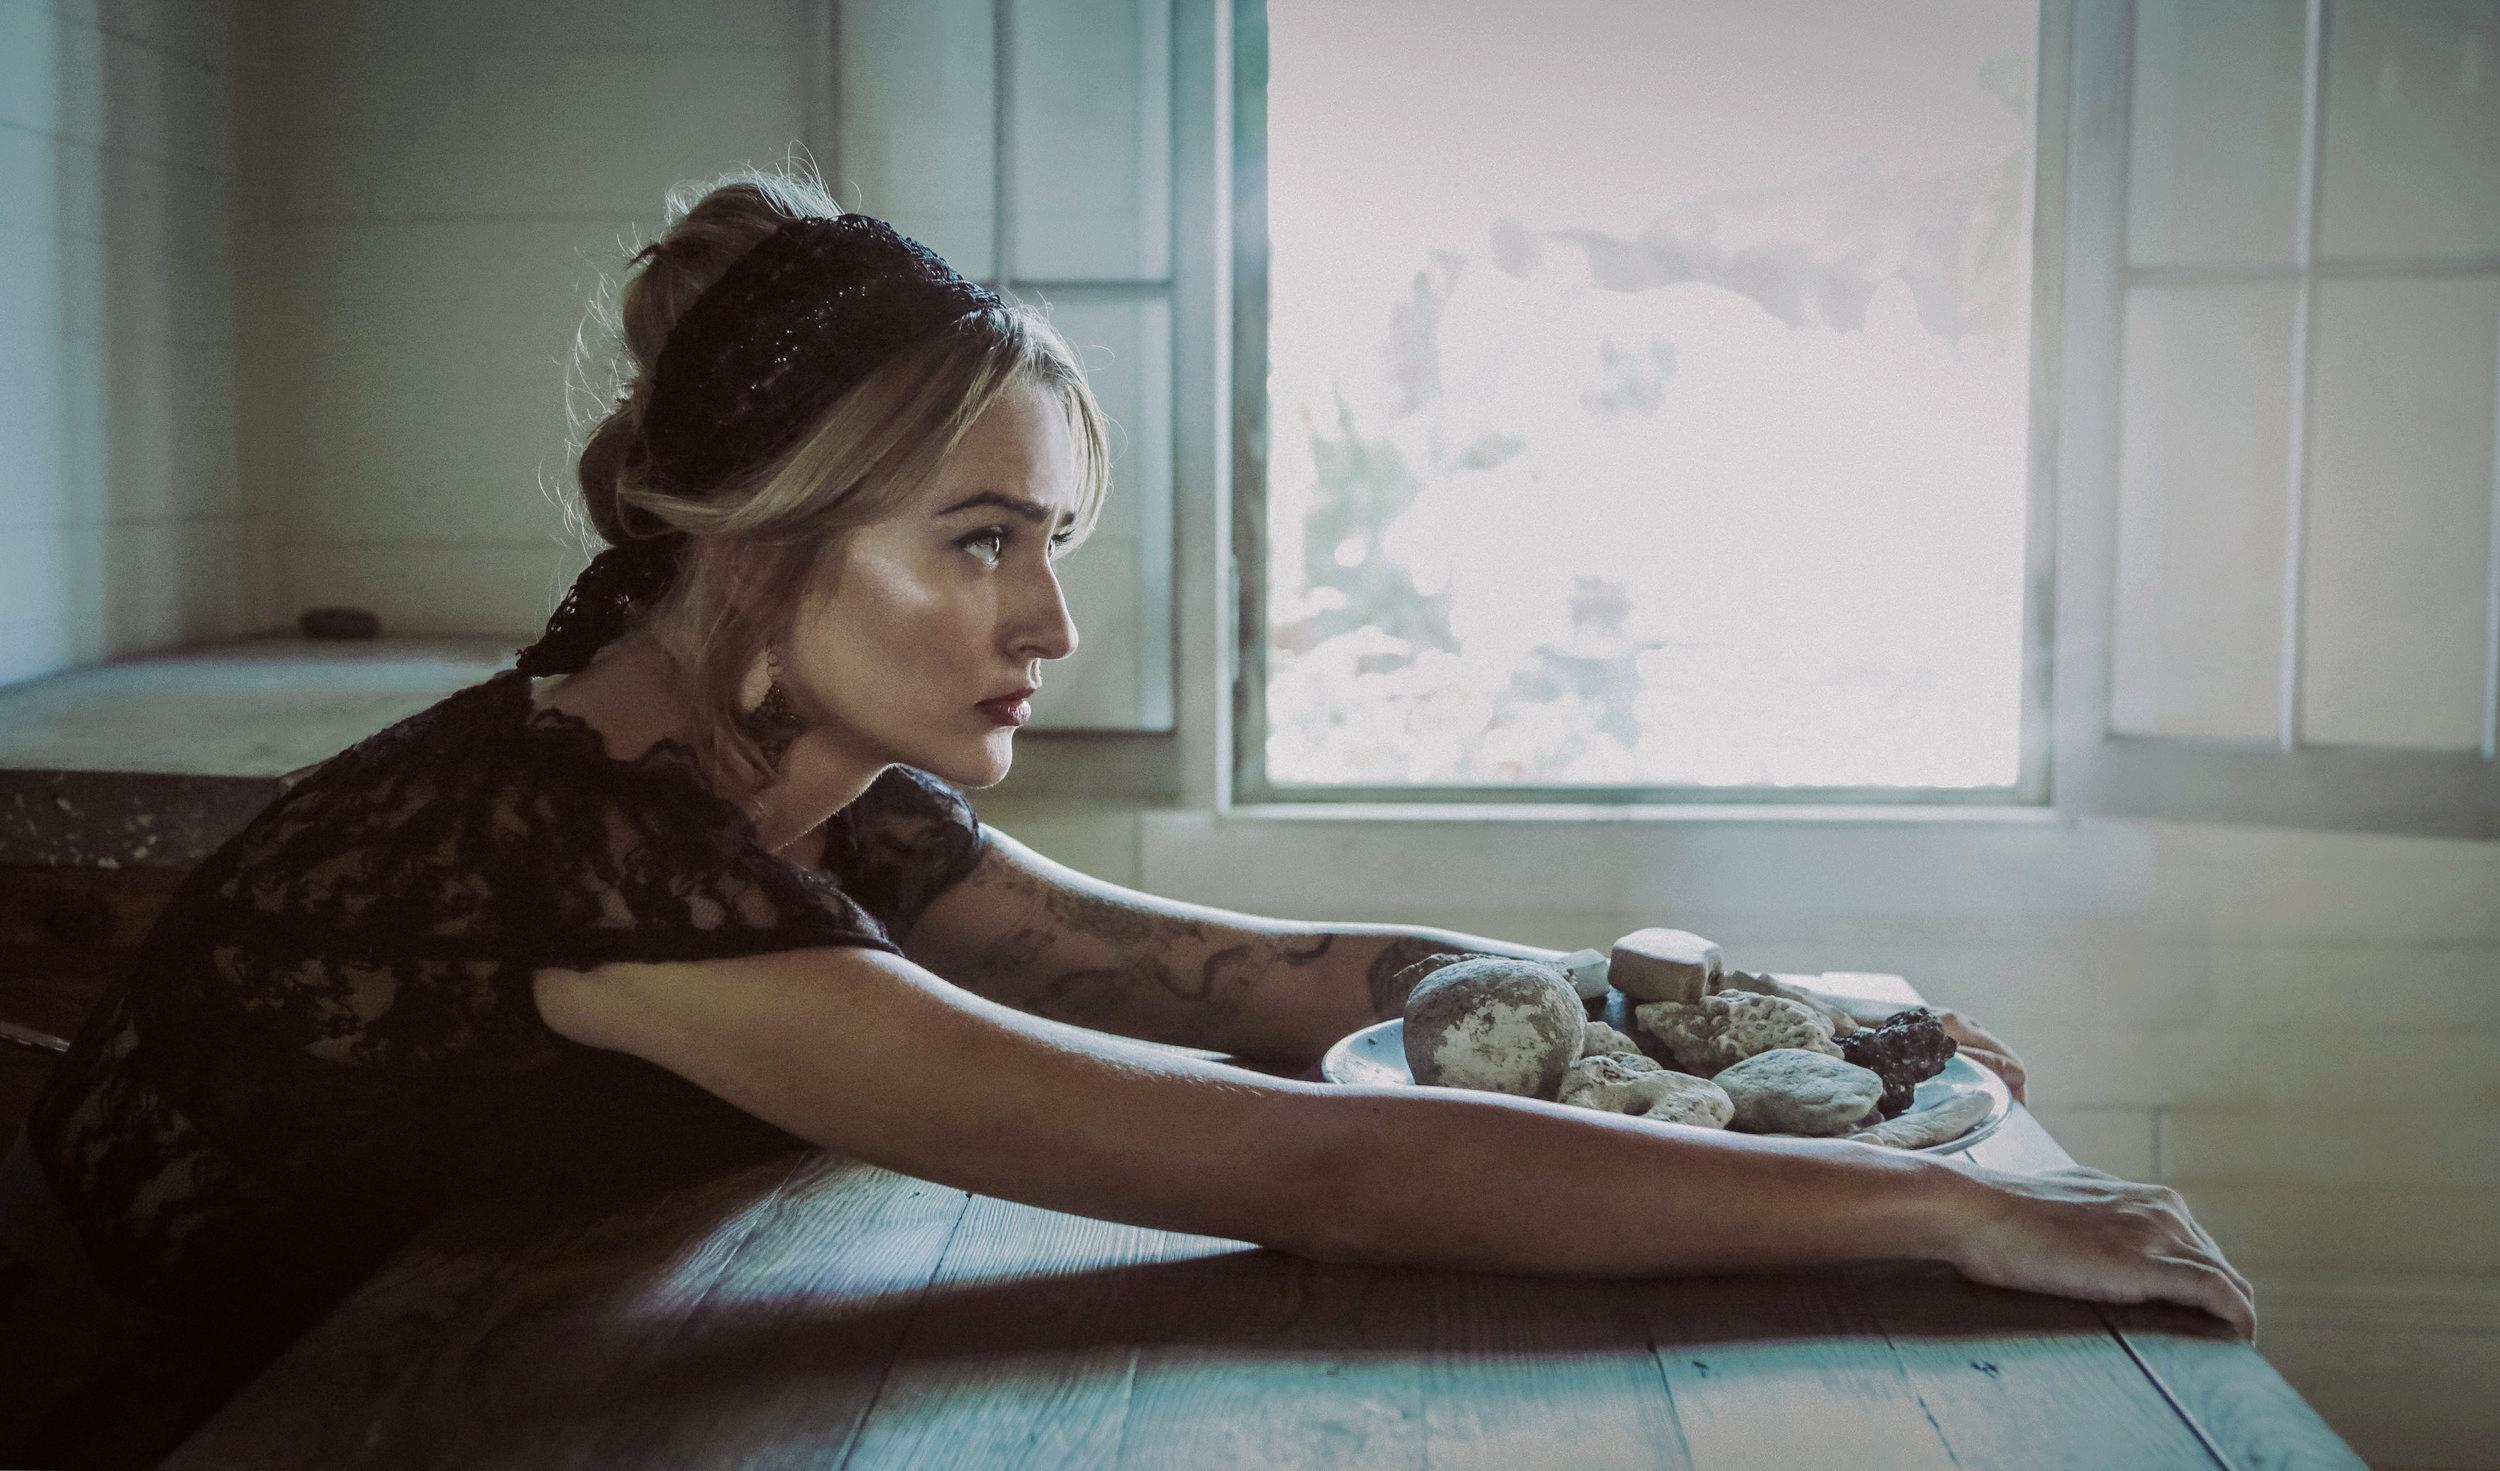 key west photographer, lena perkins, product photography,porter, dolce gabbana, magazine, lifestyle, styling, fashion, key west, florida, miami, editorial, florida